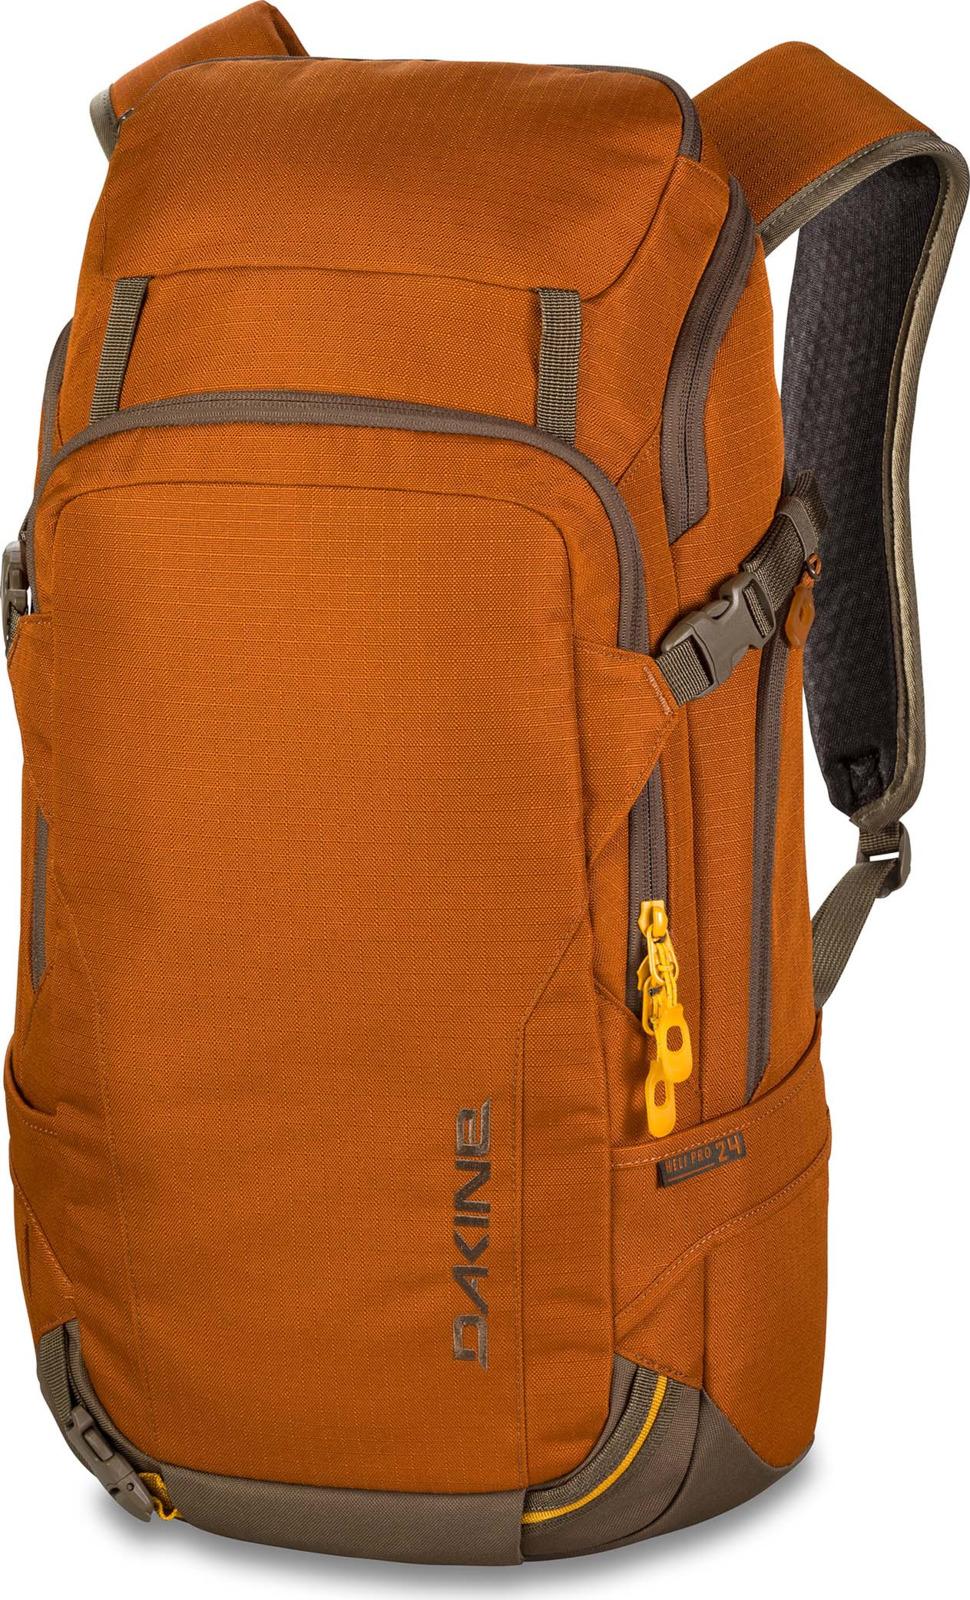 Рюкзак для сноубордистов или горнолыжников. Любой рюкзак из семейства HELI максимально приспособлен к катанию в горах. Объем - 24 литра. В спинке рюкзака есть карман для защиты спины (продается отдельно). Во время пеших перемещений лыжи или сноуборд можно подвесить к рюкзаку за специальные лямки. В основное отделение можно попасть как сверху рюкзака, так и со спины. Спереди большой карман для лопаты и щупа. Имеется карман для маски из мягкого флиса. Спереди петля для закрепления шлема. Свисток встроен в баклю на грудной перемычке. Анатомические лямки. Габариты : 58х30х15 см. Вес 1 кг.